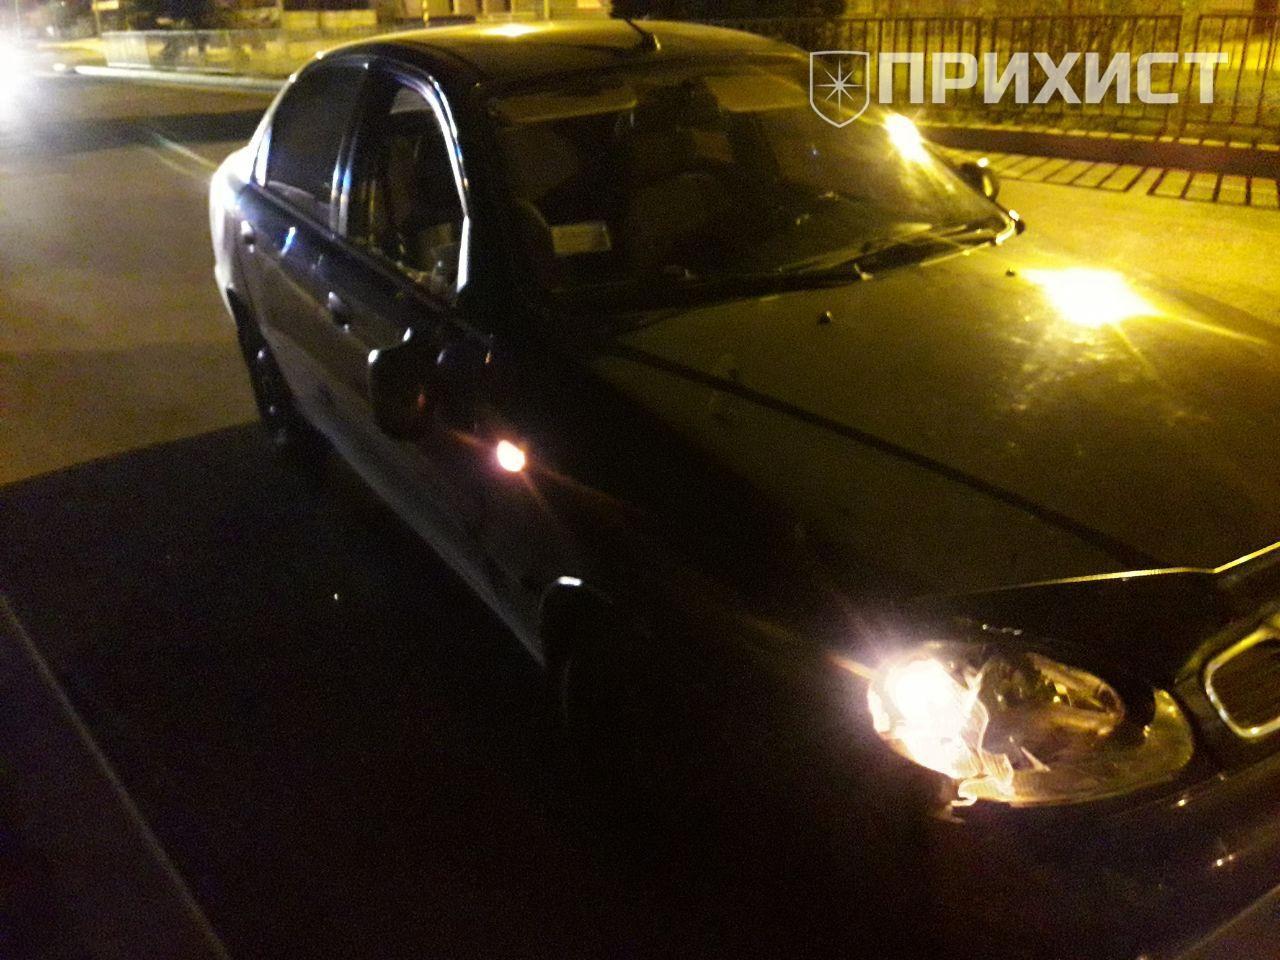 ДТП на ул. Некрасова: Deawoo сбил на переходе мужчину | Прихист